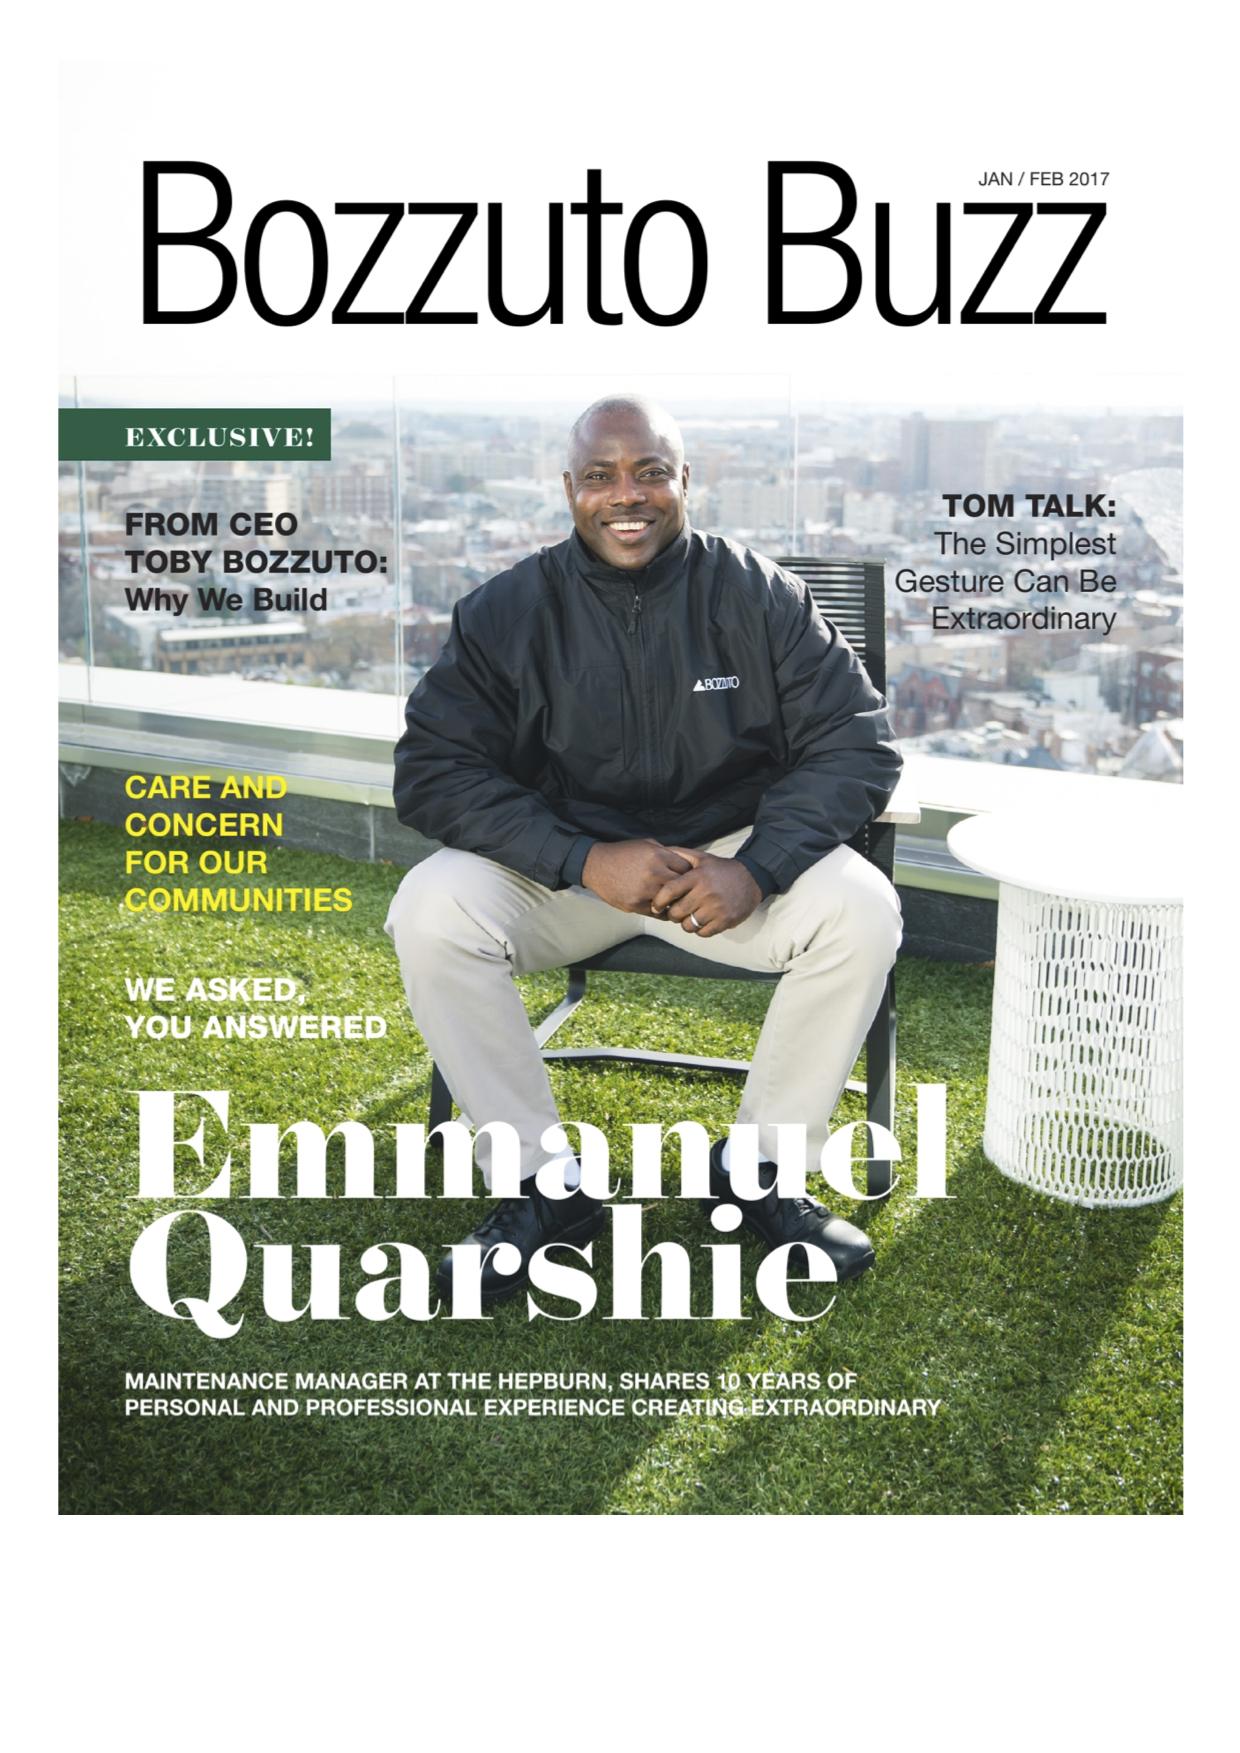 Bozzuto Buzz